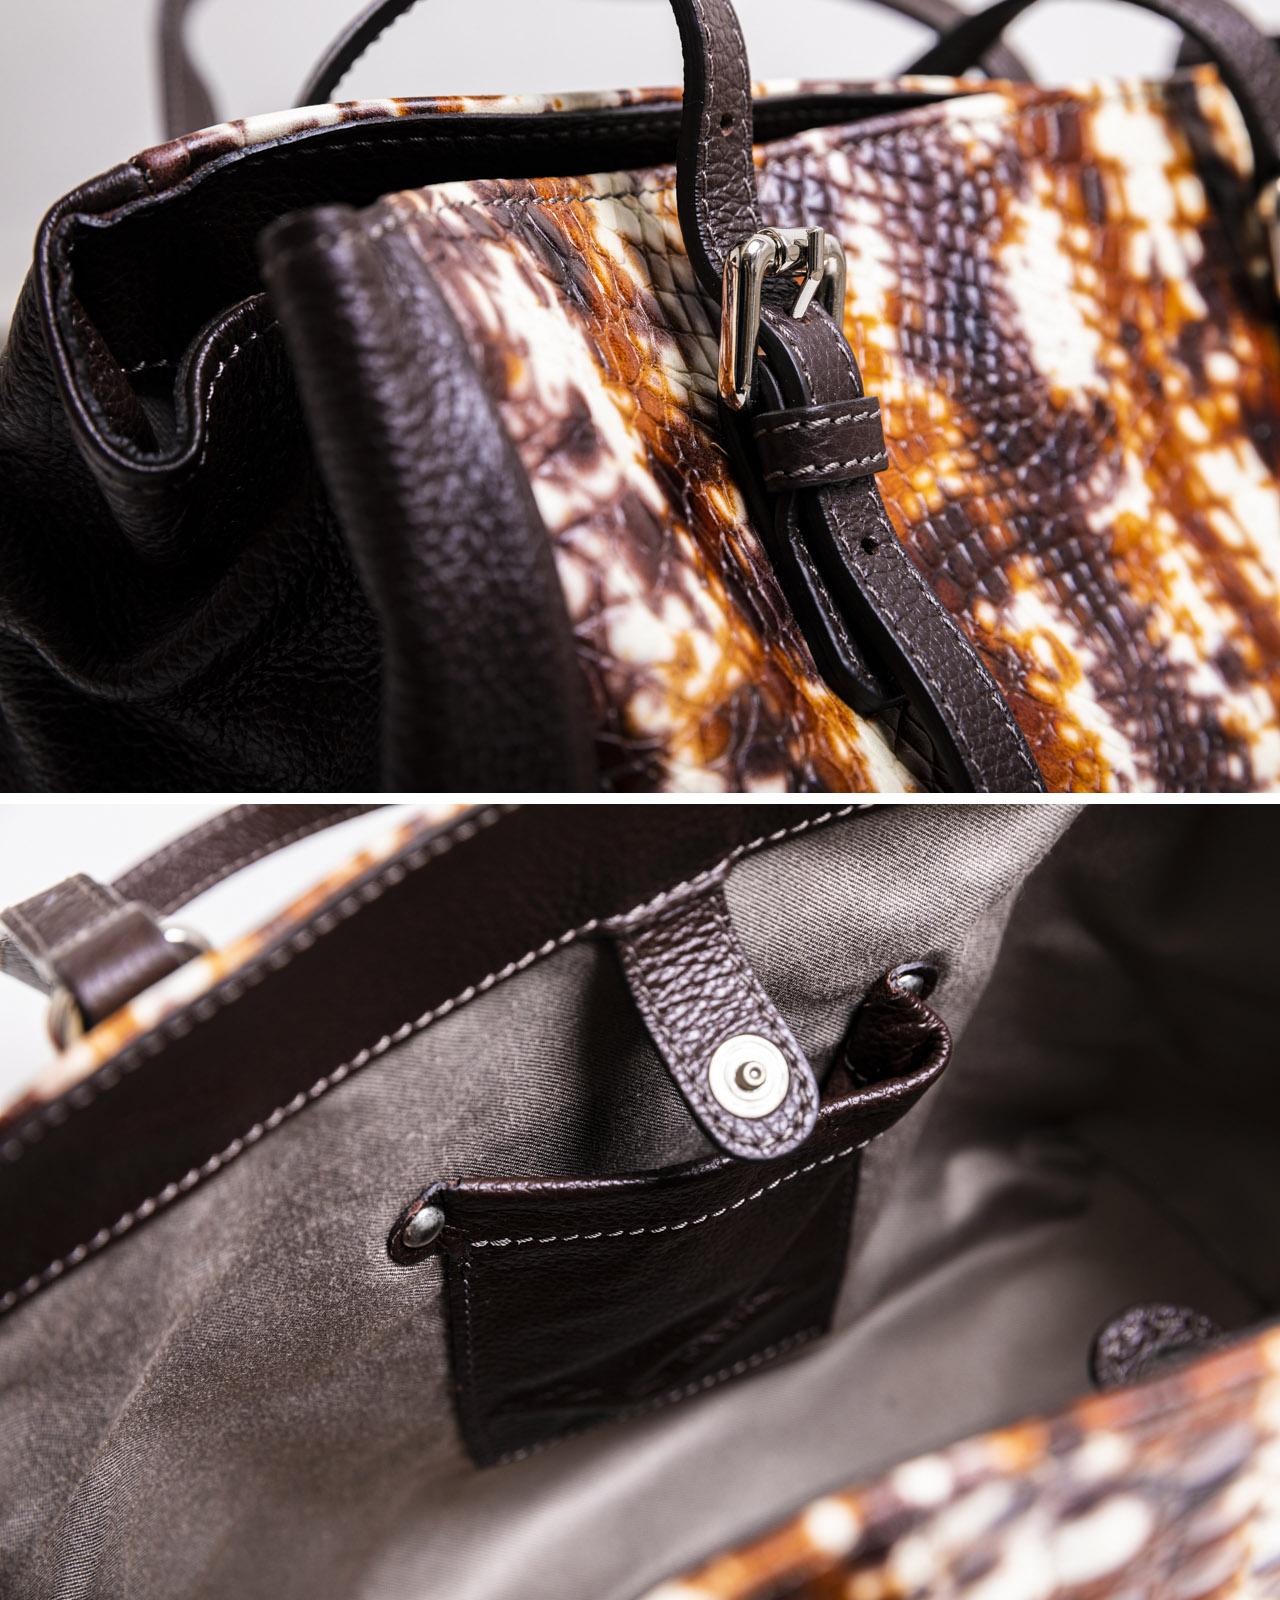 イタリア製 イタリアンレザー 型押し手描き本革バッグ アルテソワ リュクス